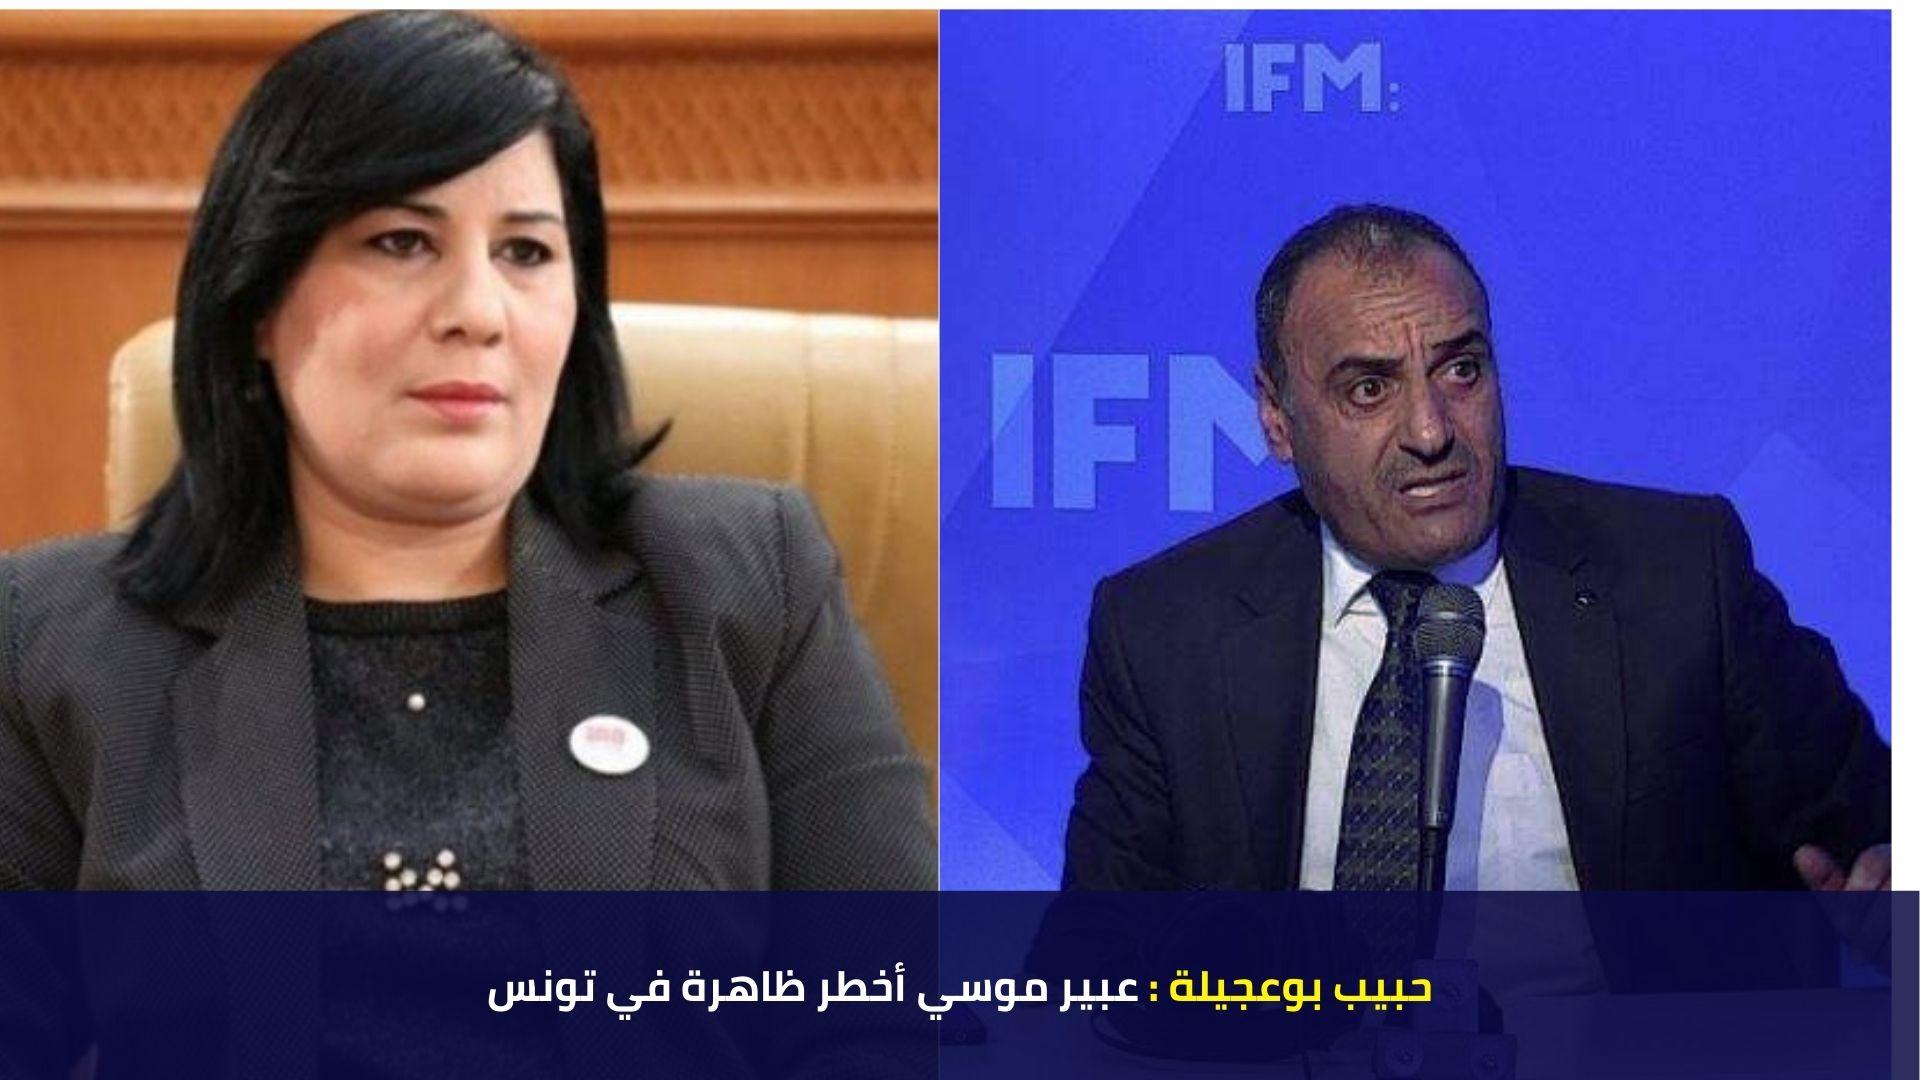 حبيب بوعجيلة : عبير موسي أخطر ظاهرة في تونس